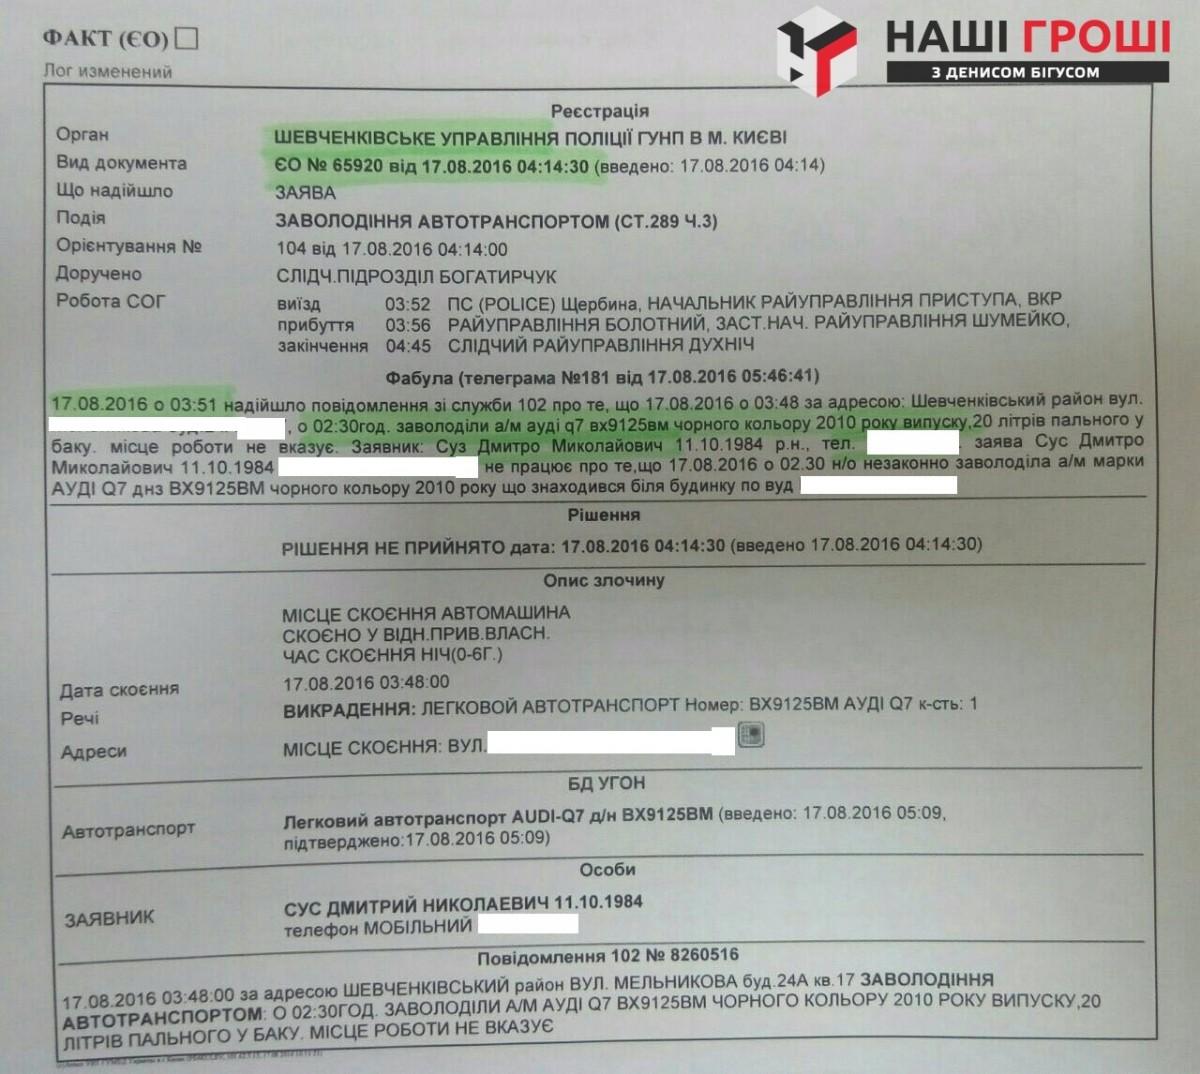 Столичный обвинитель Дмитрий Сус ездит набабушкином Ауди Q7